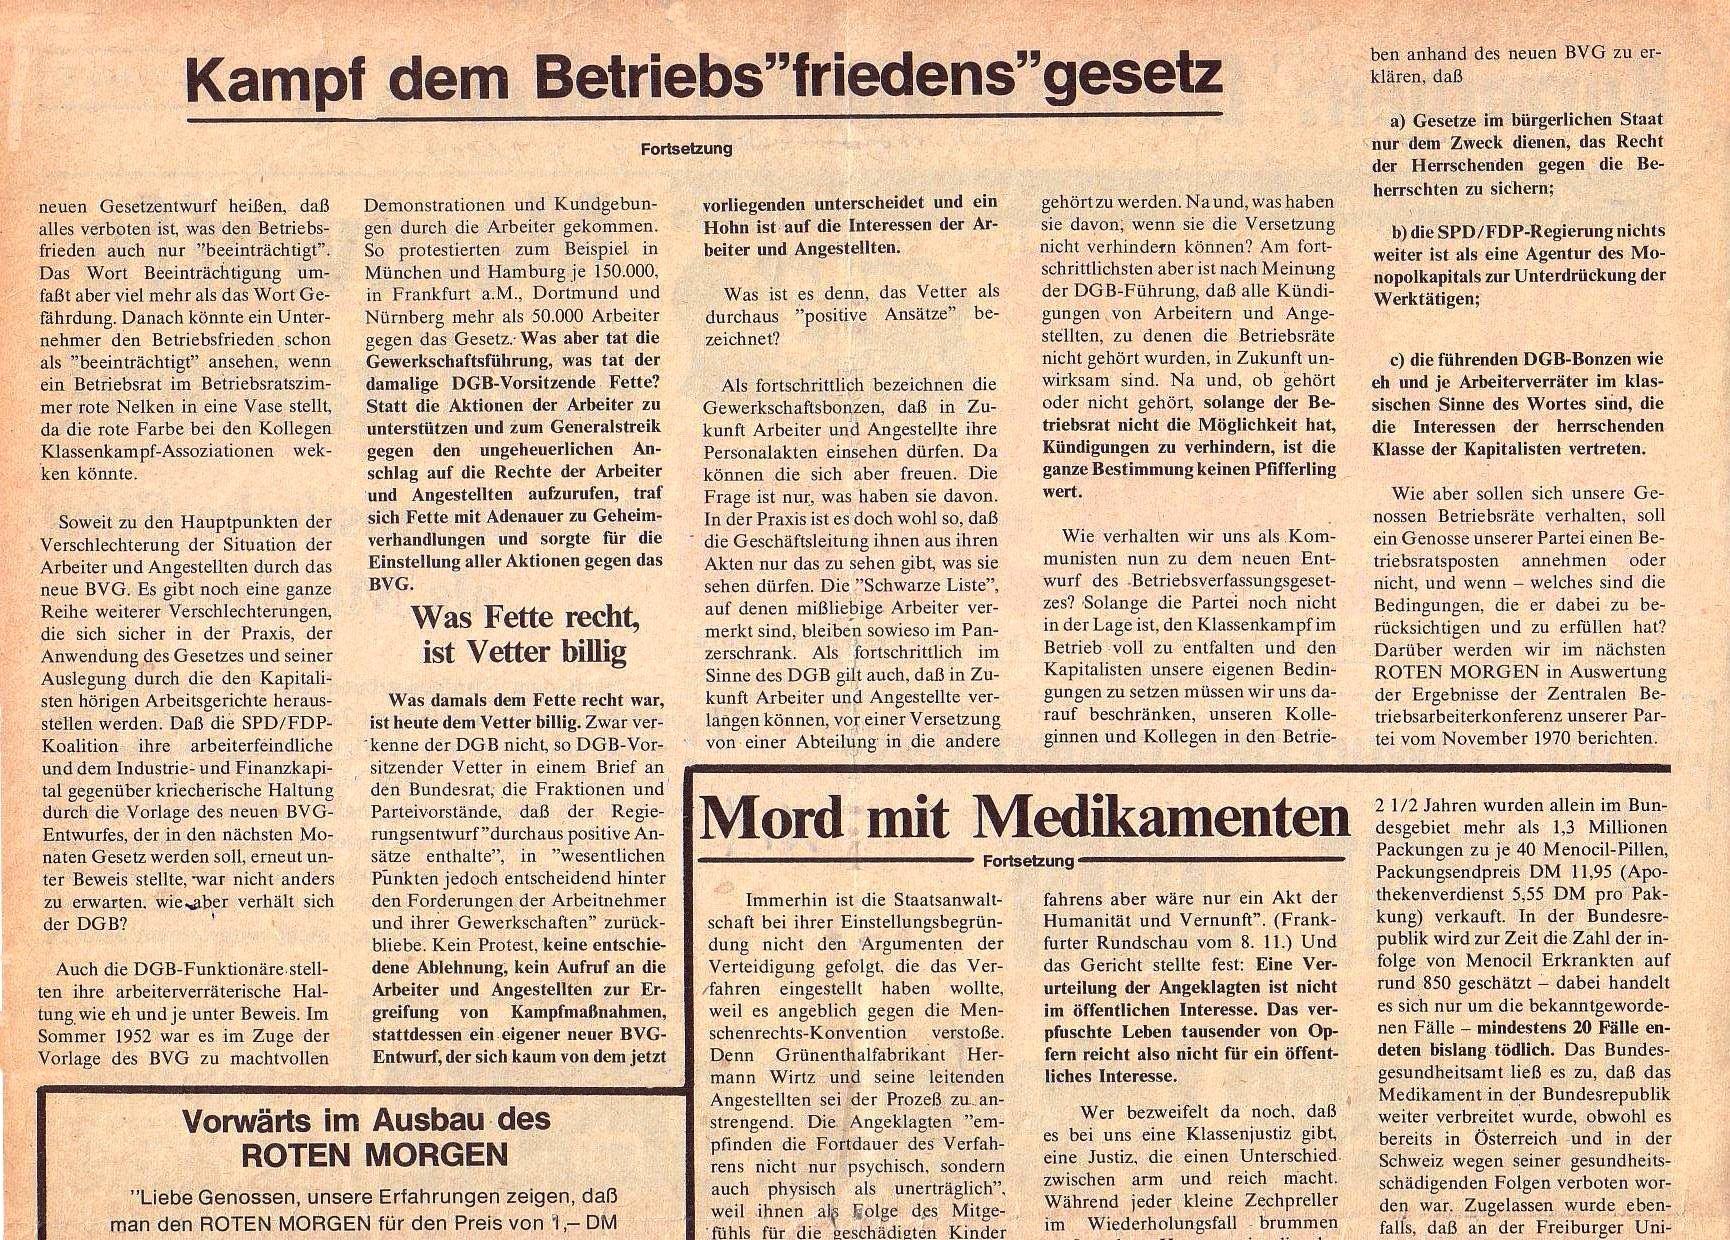 Roter Morgen, 5. Jg., Februar 1971, Nr. 2, Seite 2a